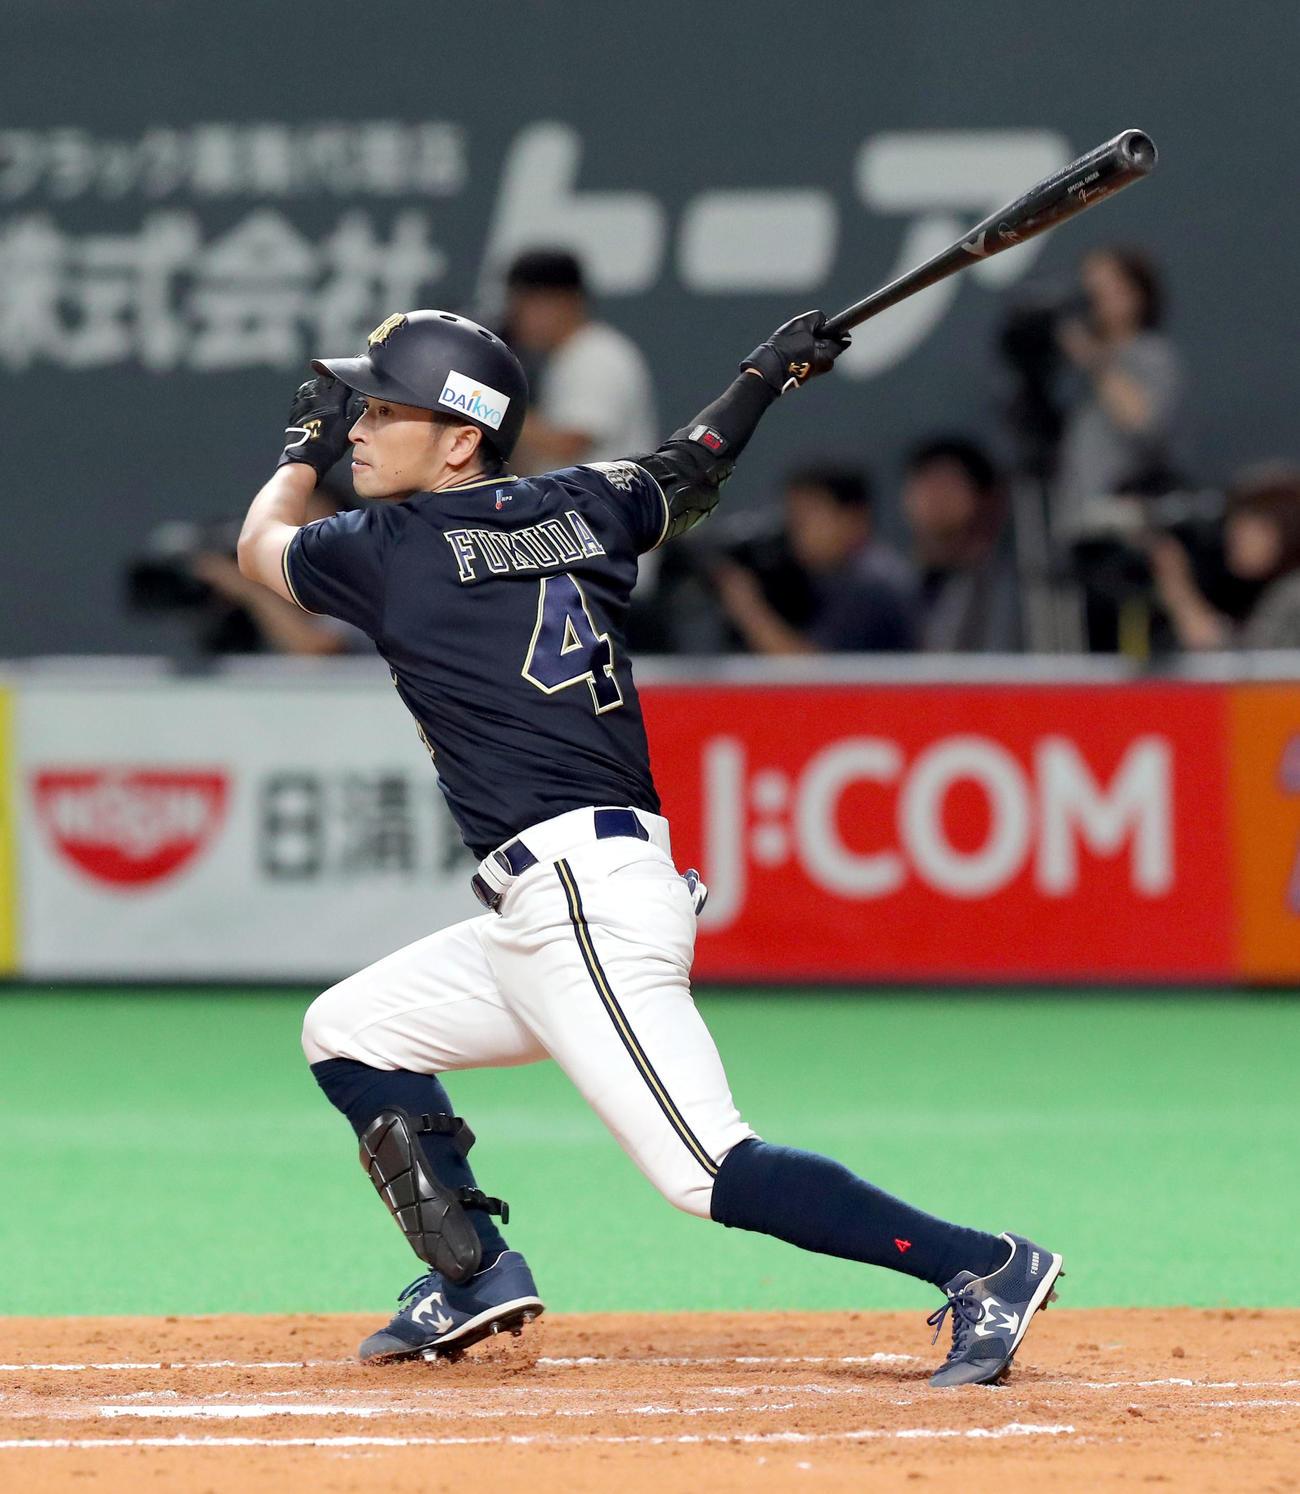 オリックス福田周平(19年9月27日撮影)